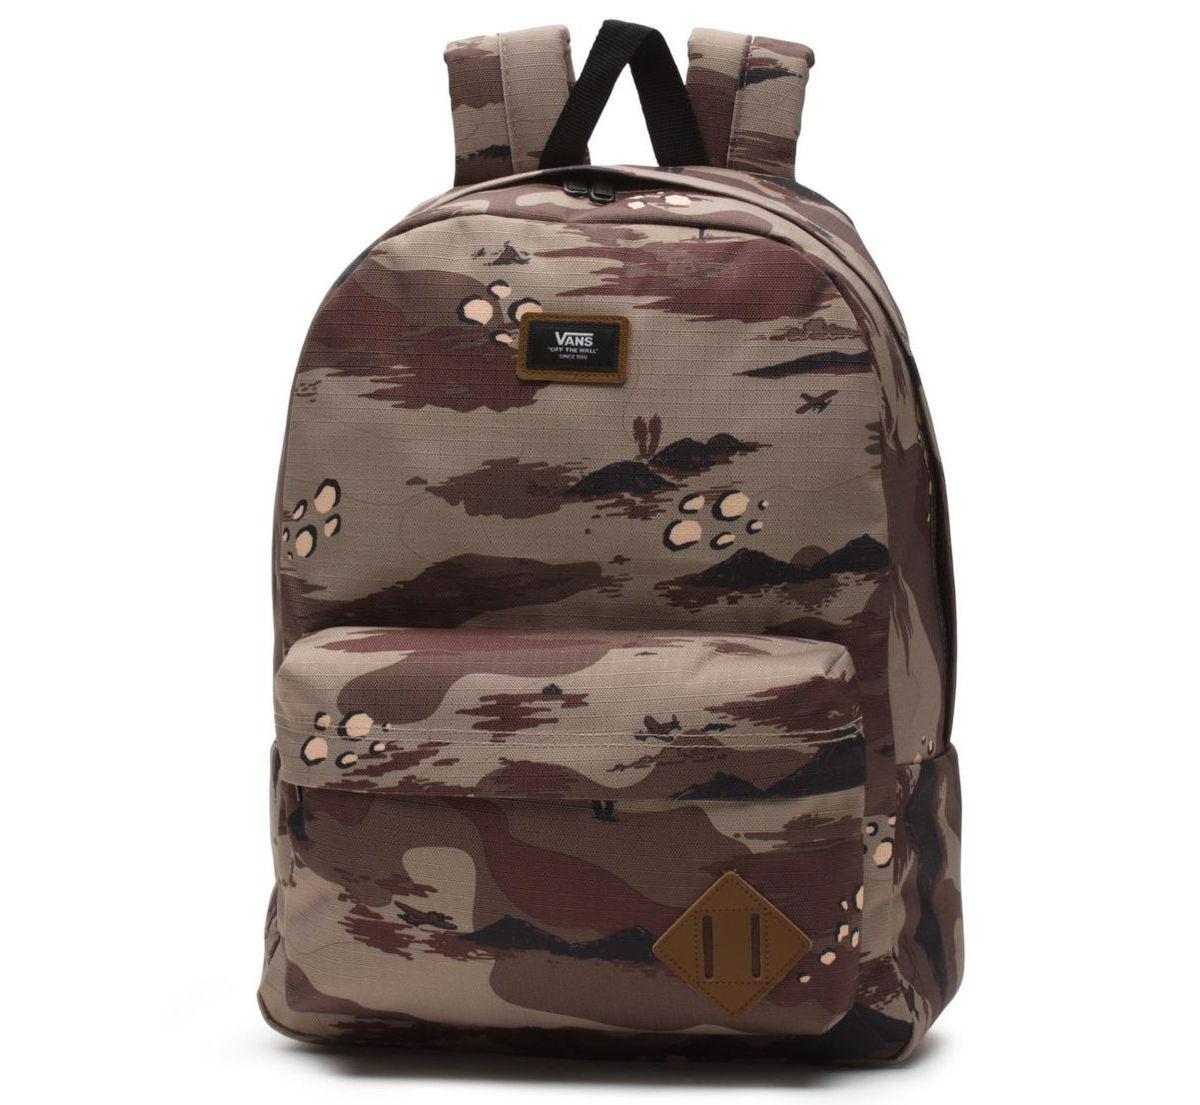 4e1616b8bd12de Backpack VANS - MN OLD SKOOL II BACK STORM - CAMO - VN000ONIRV1 ...